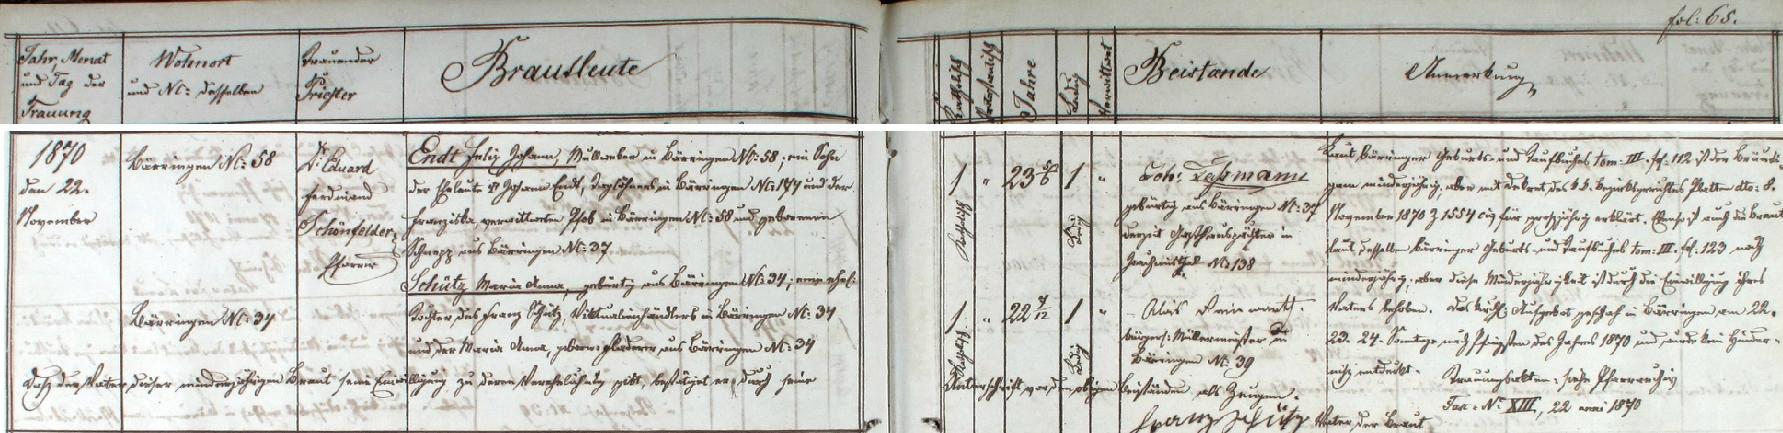 """Záznam o svatbě jeho rodičů v knize oddaných obce Pernink - ženich Felix Johann Endt, tkadlec obvazového mulu (v originále """"Mullweber"""", na stánce oddací matriky kolem je snad každý ze ženichů téže profese) v Perninku čp. 58, byl synem Johanna Endta, nádeníka v Perninku čp. 174 a vdovy Franzisky, provd. Pfobové, roz.  Schneppové z Perninku čp. 37, nevěsta Maria Anna Schützová byla pak dcerou Franze Schütze, obchodníka potravinami (v originále """"Viktualienhändler) v Perninku čp. 34 a Marie Anny, roz. Fladererové z Perninku čp. 34"""